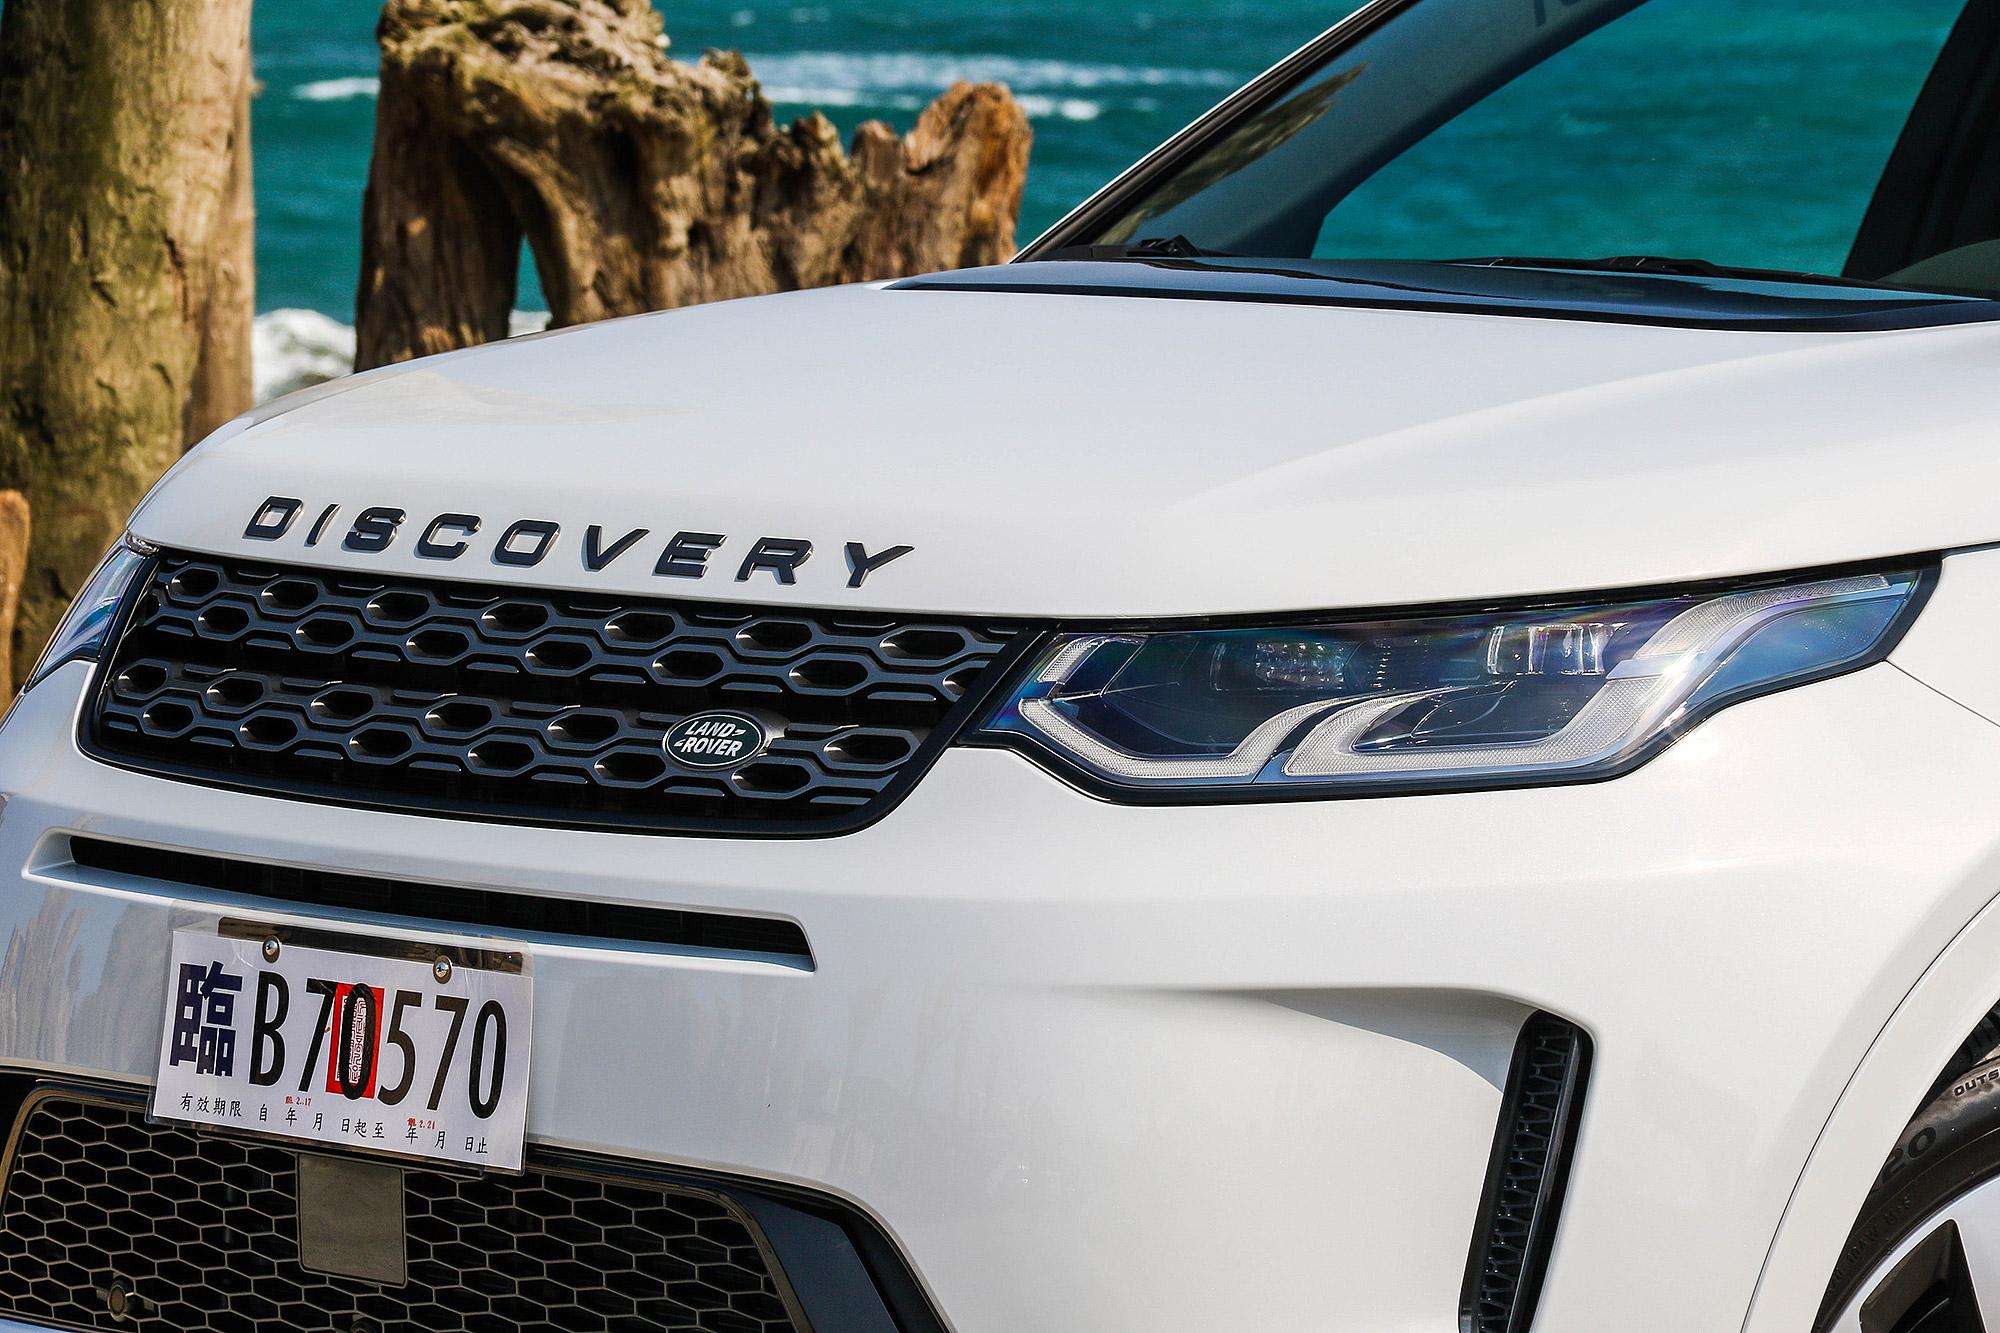 水箱護罩帶有新世代 Discovery 以及 Range Rover 家族的風格。